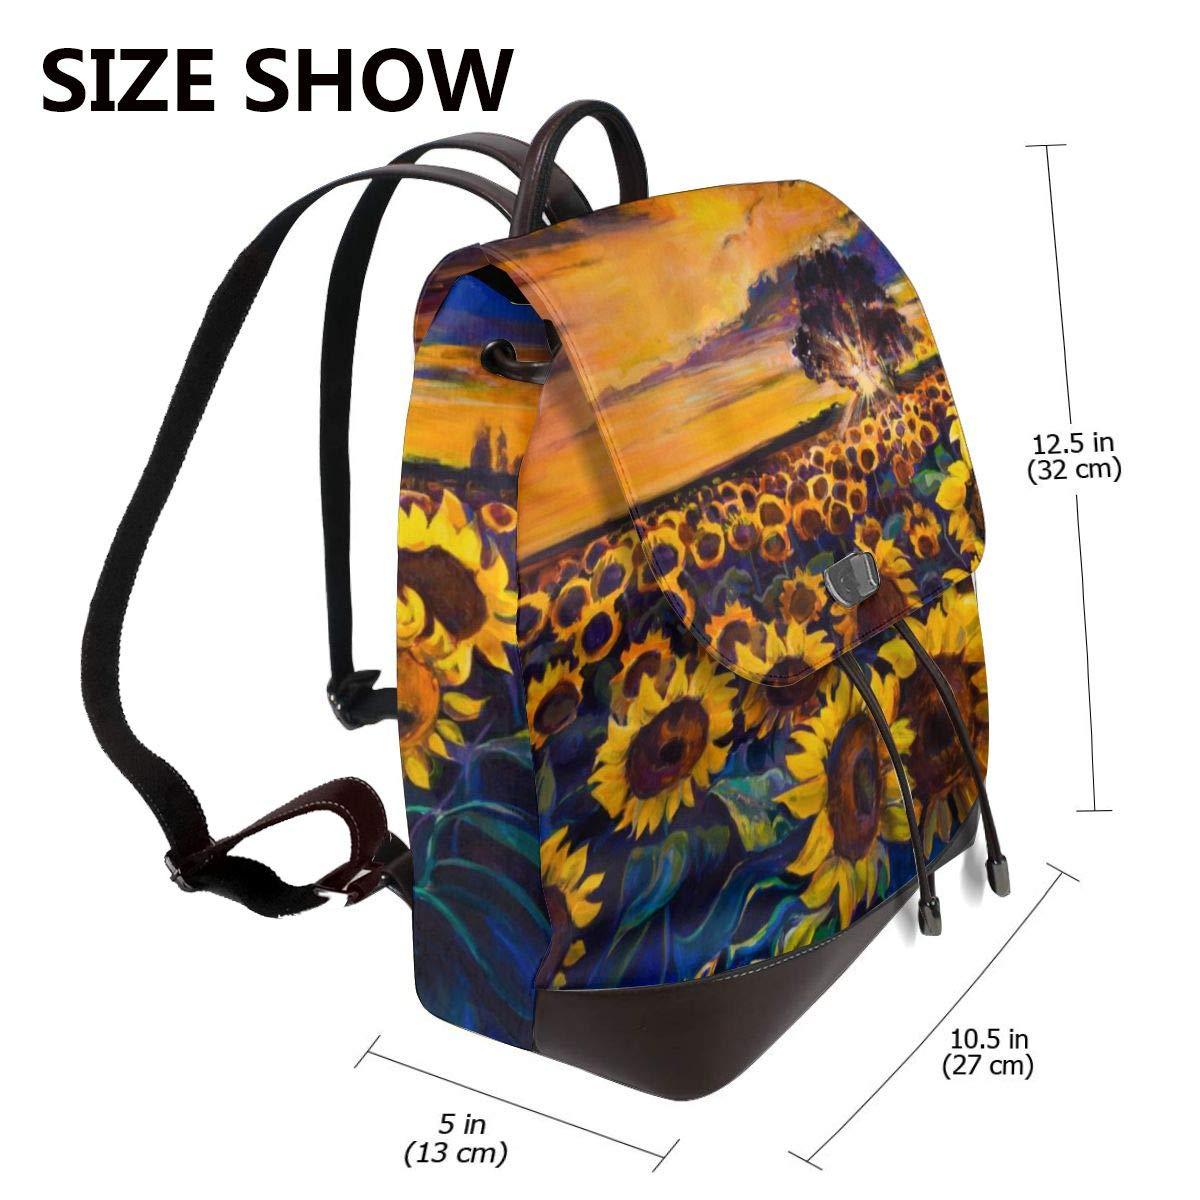 Vacker solros kvinnor mode äkta läder ryggsäck flickor resa skola mini axelväska Sunflowers Landscape